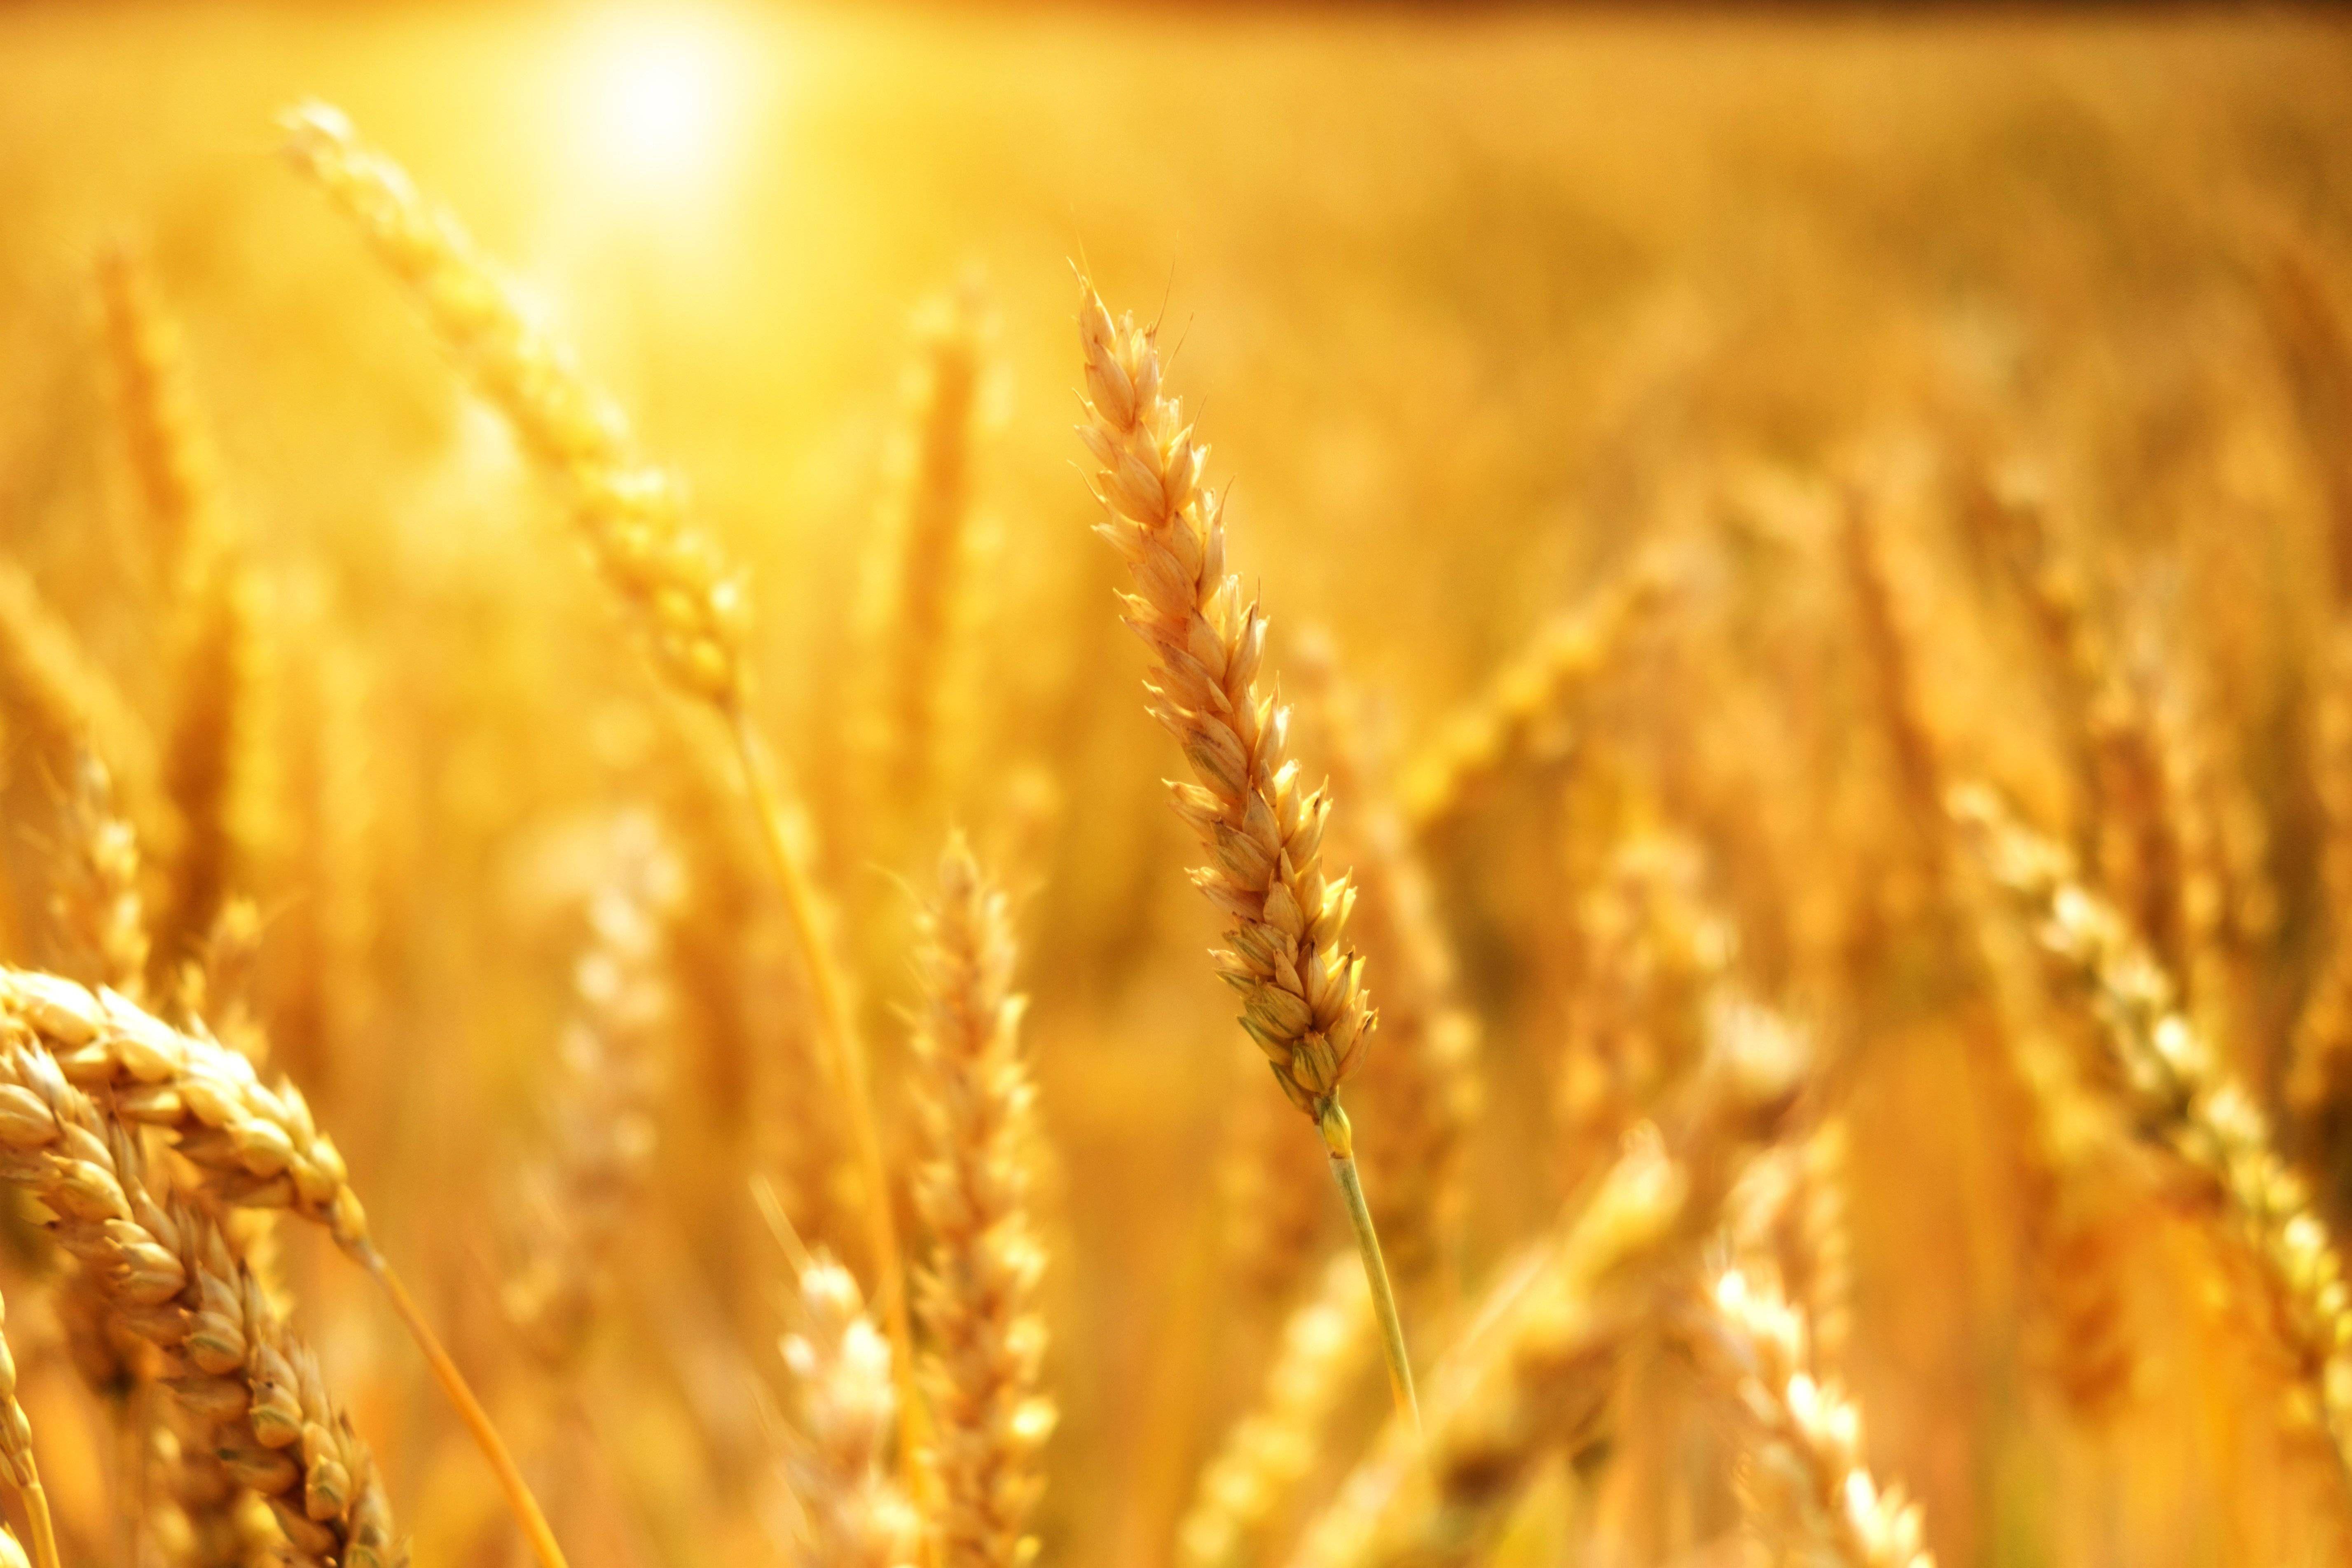 Ein Kornfeld wird von der Sonne beschienen. Die Getreidehalme stehen in goldenem Licht.